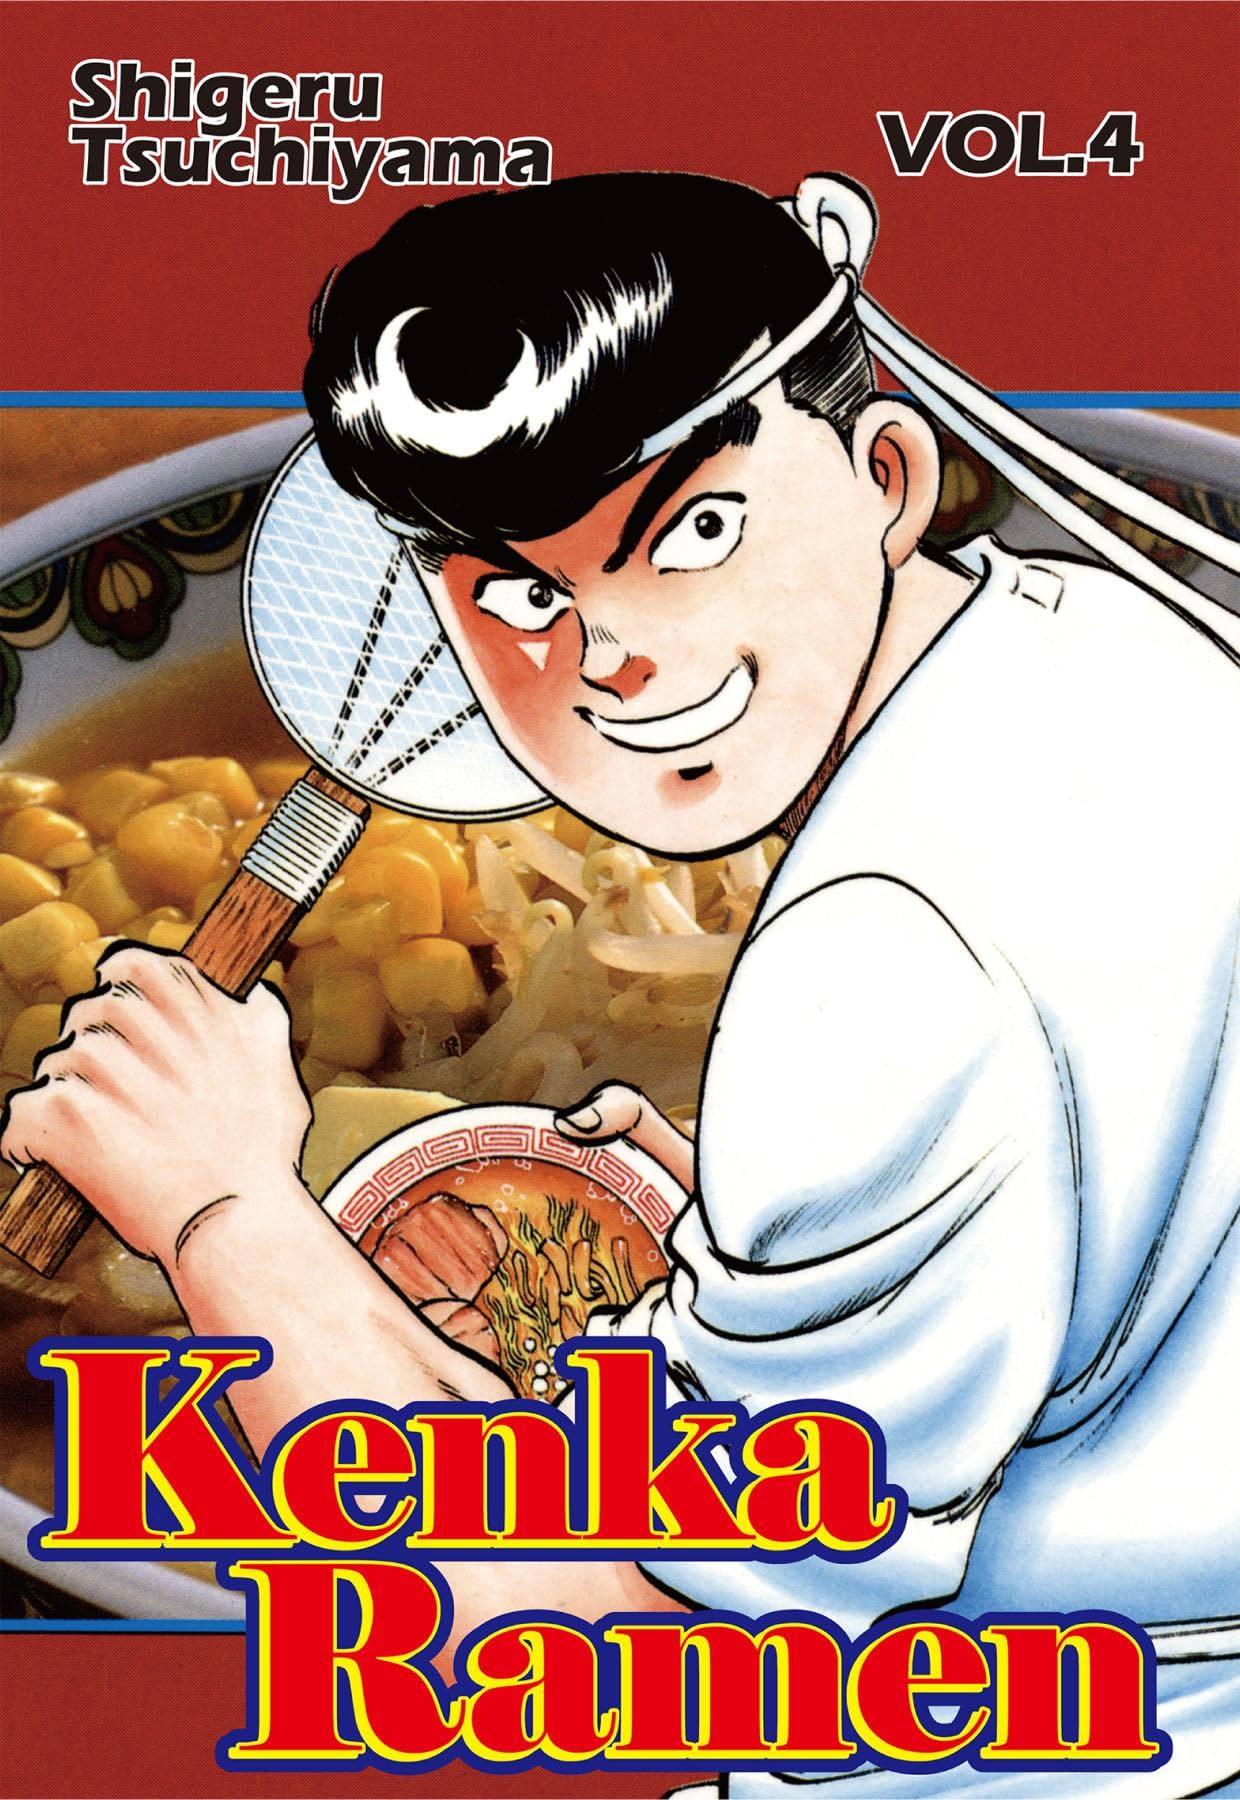 KENKA RAMEN Vol. 4